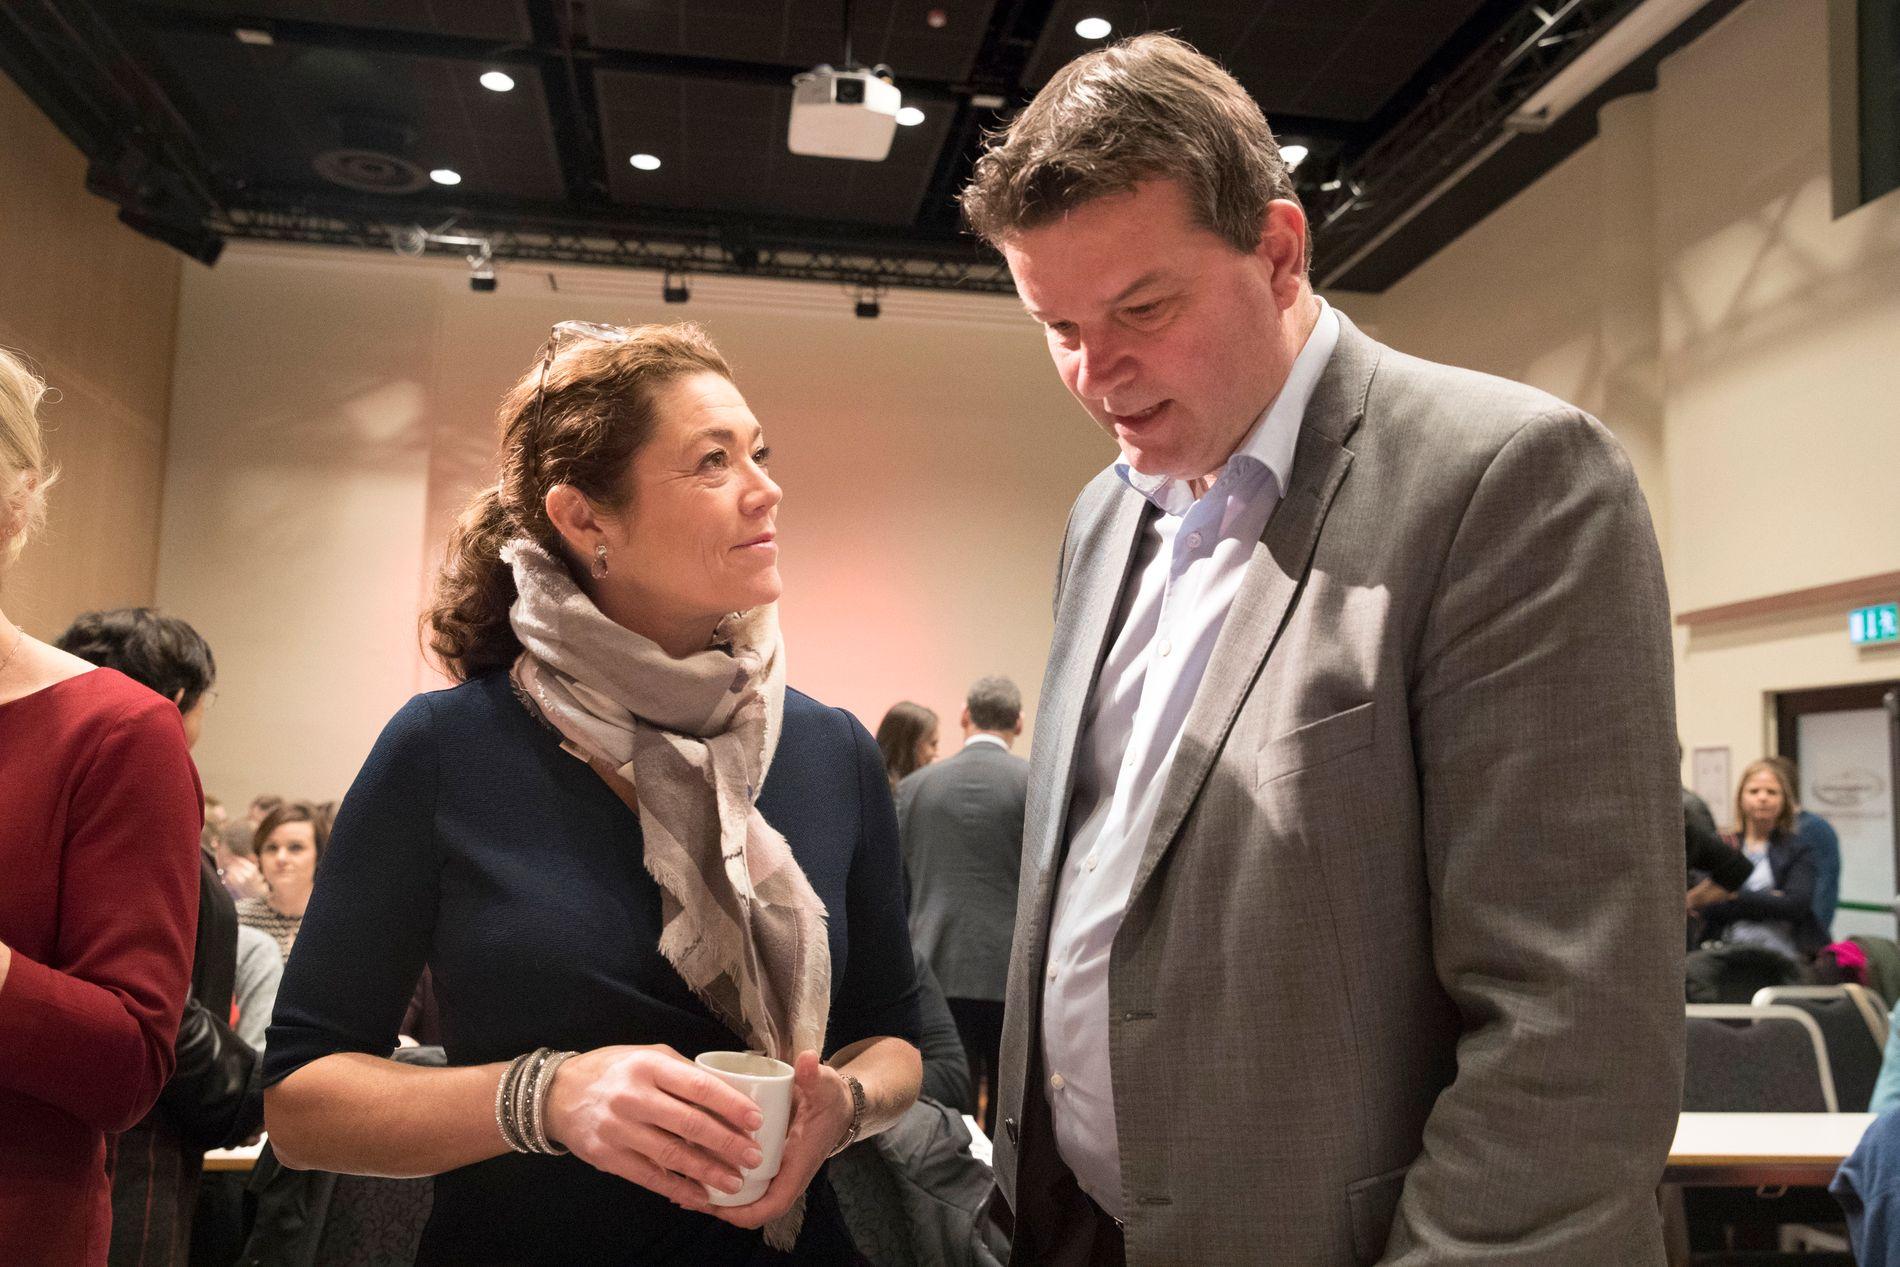 LUTTER ØRE: LO-leder Hans Christian Gabrielsen fikk tirsdag 30 øre å gi til landets arbeidstakere, av NHO-leder Kristin Skogen Lund, som en forsmak på lønnsoppgjøret.